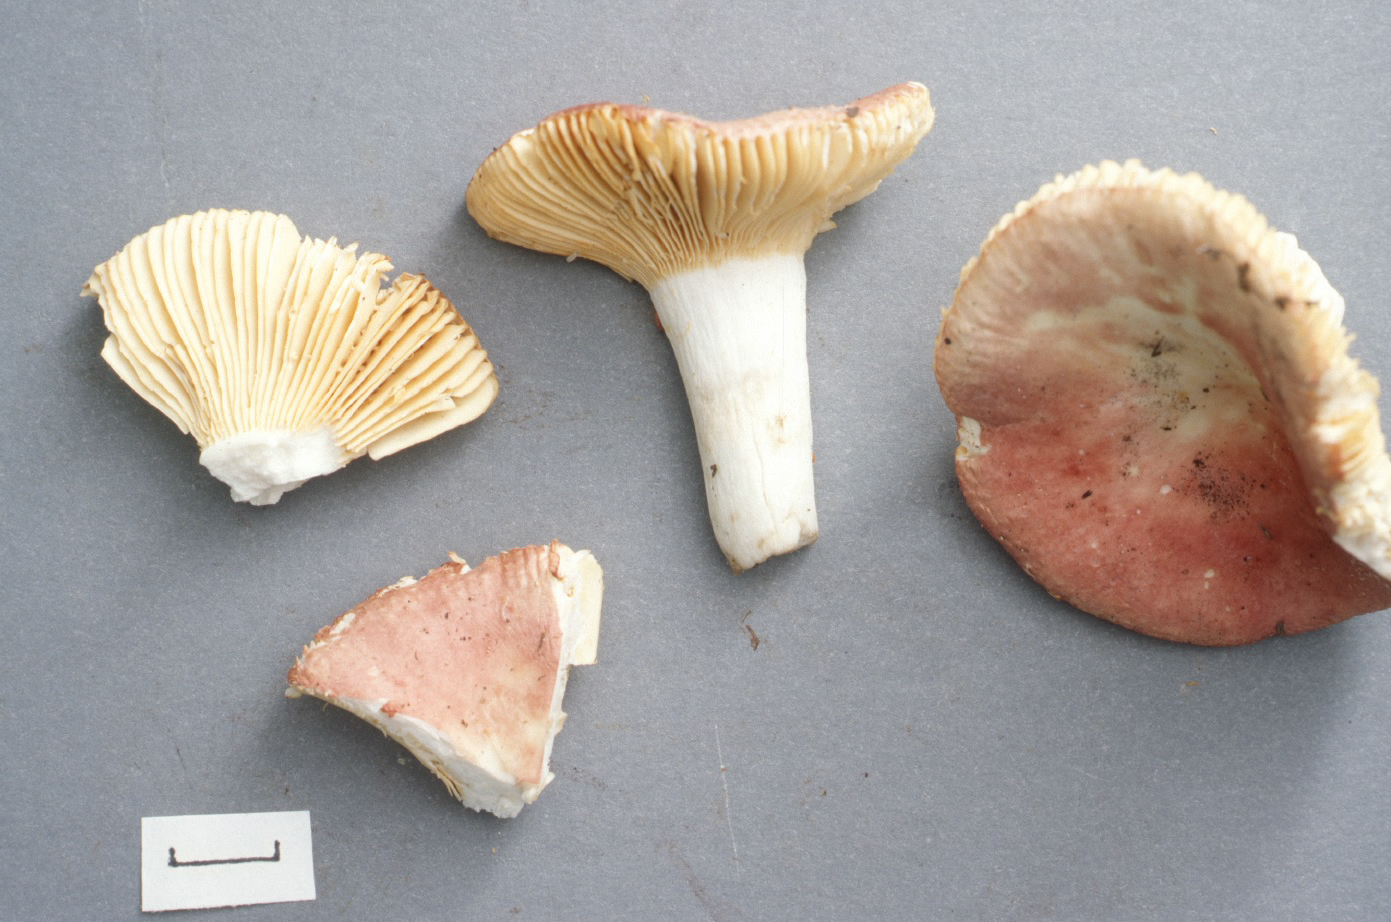 Russula amygdaloides image